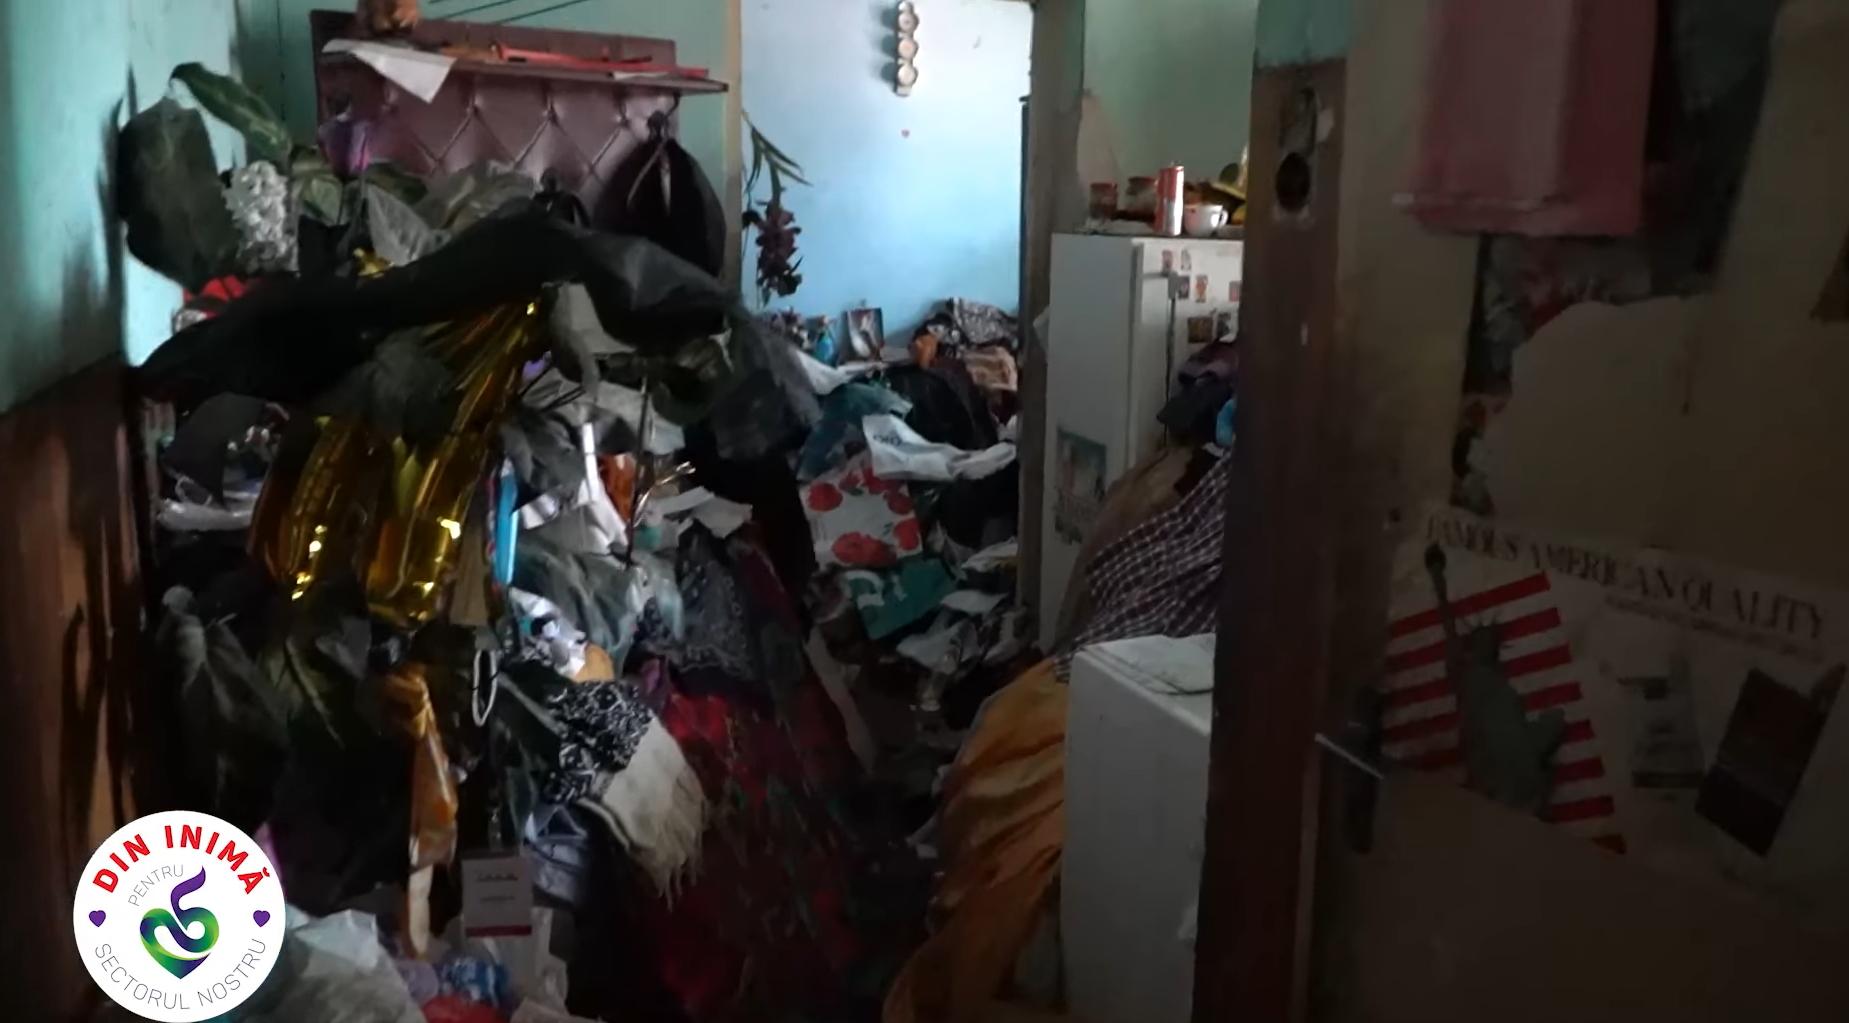 Igienizare de urgență într-un apartament din S5. 38 de metri cubi de gunoi adunați: Nu criticați! Nimeni nu știe unde-l duce viața, soarta, boala... (VIDEO)